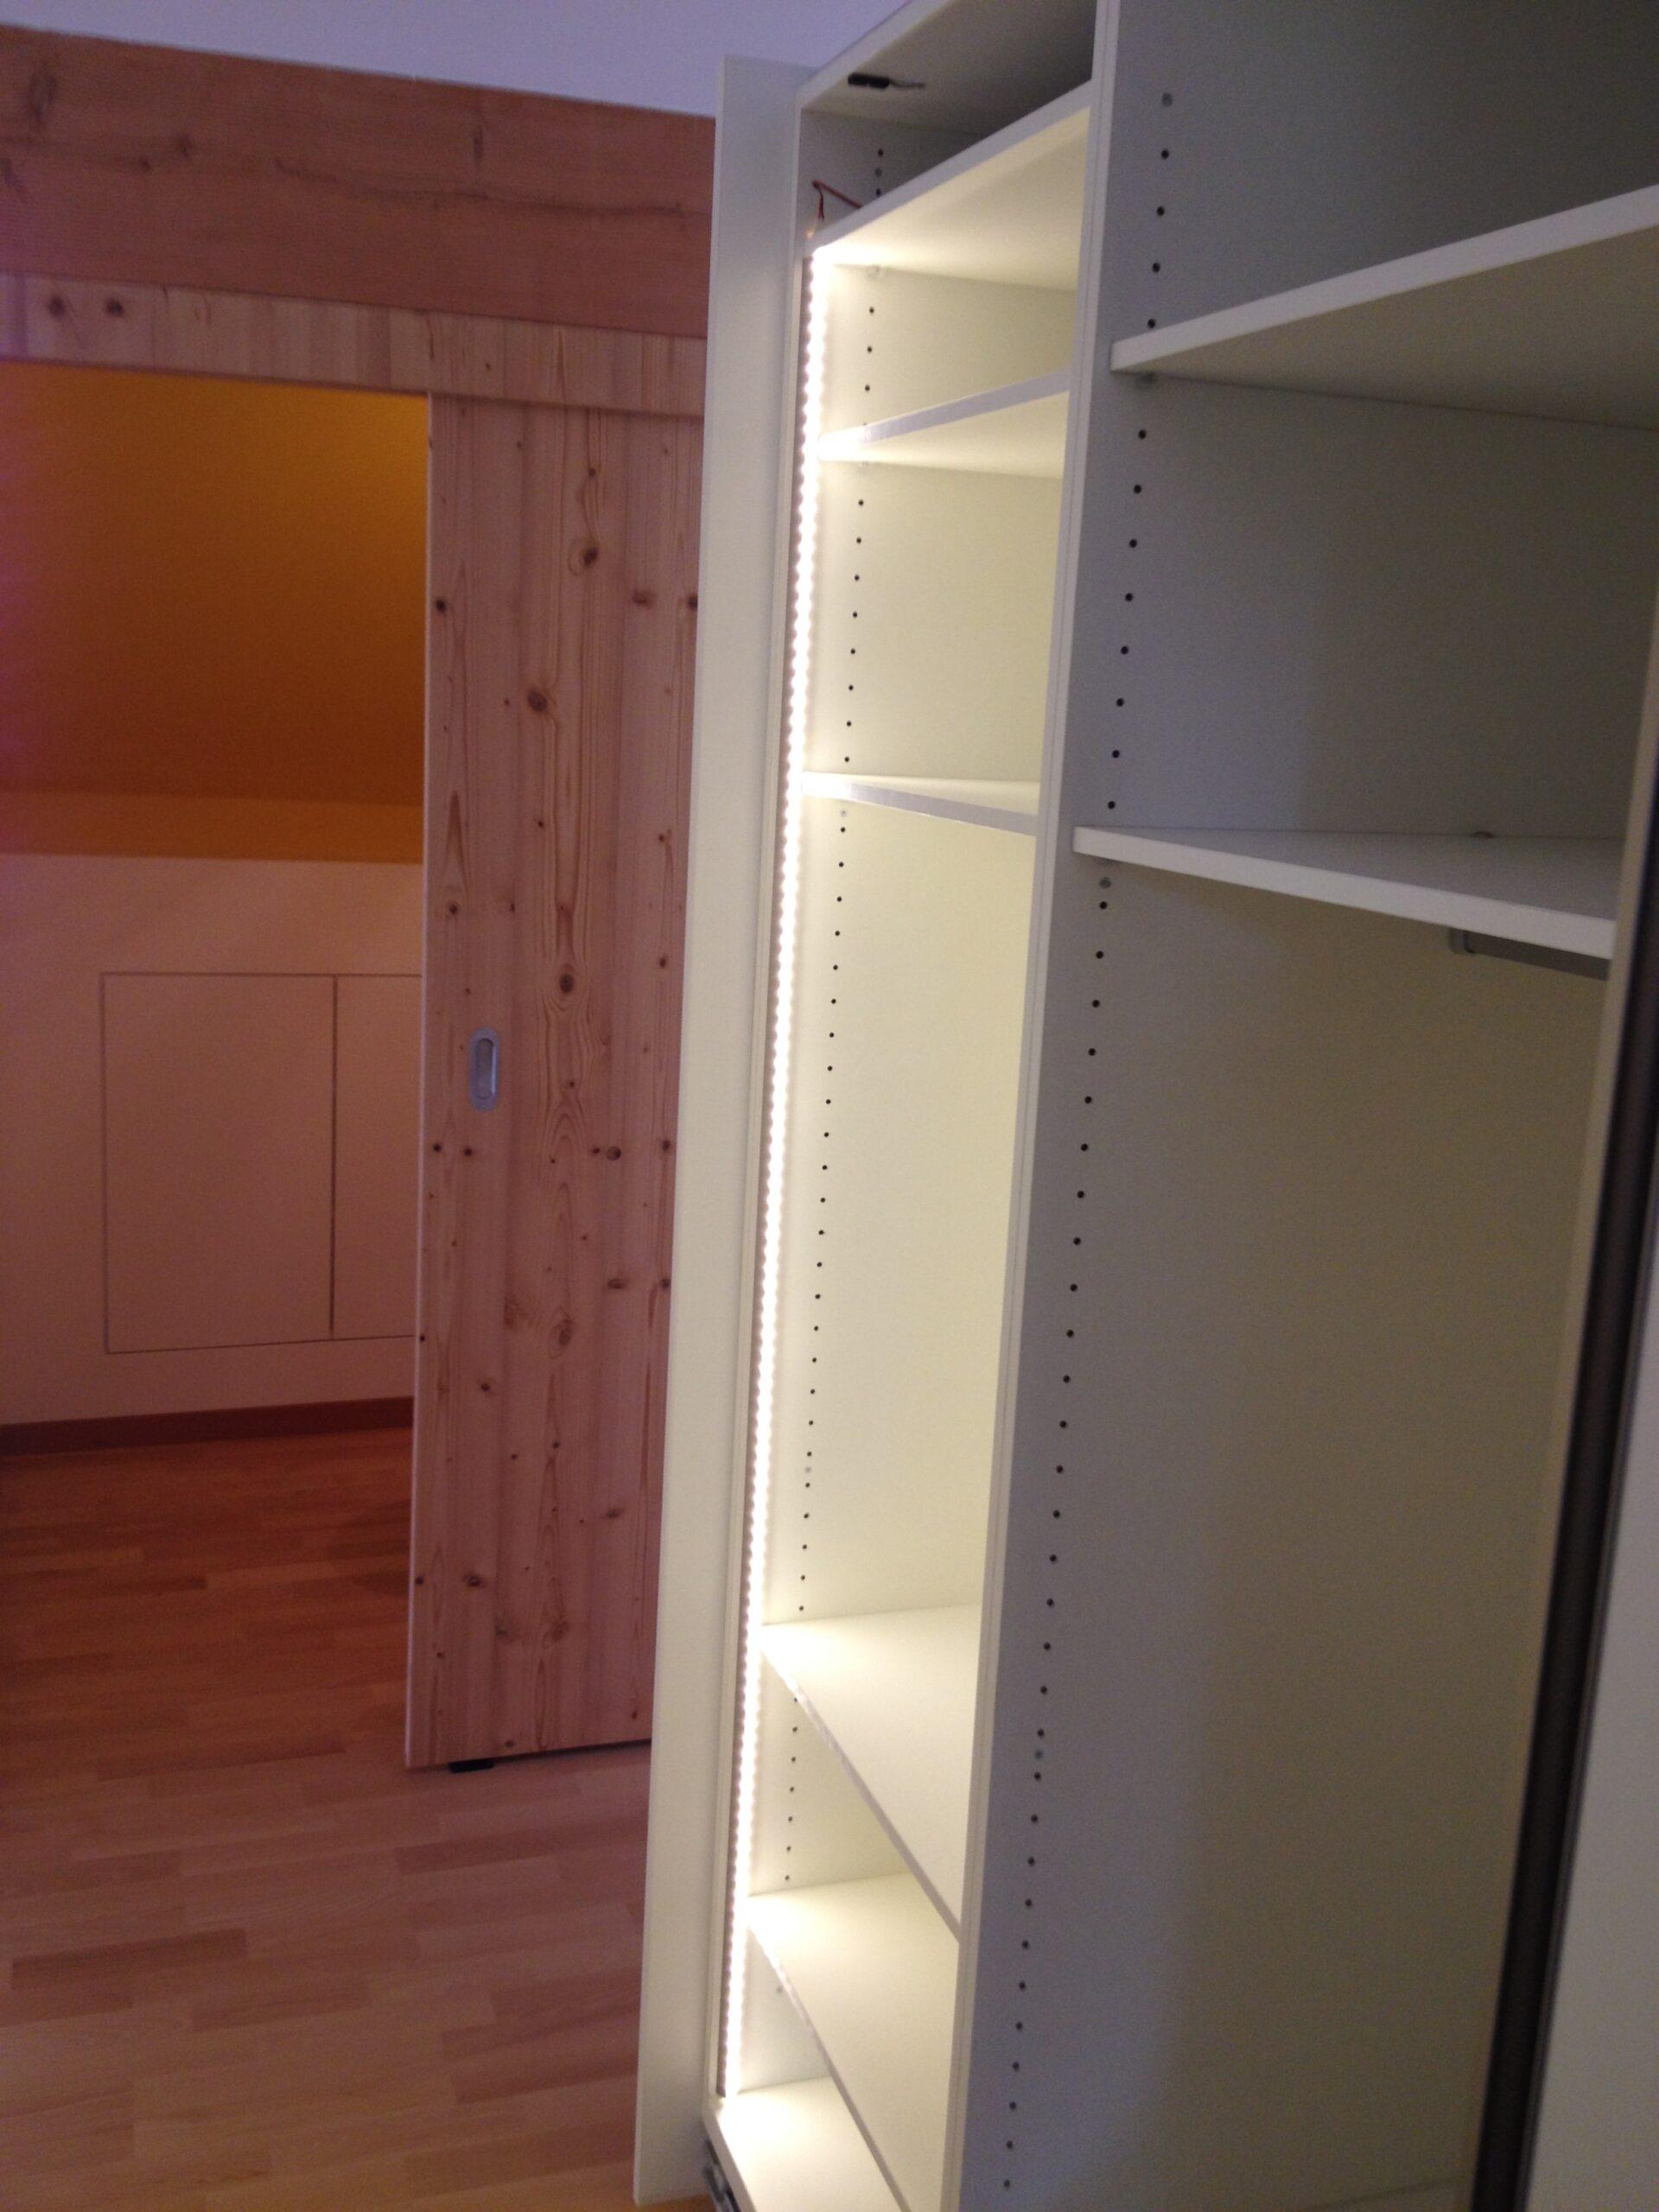 Wooddesign_Holzdesign_Plasselb_Loftwohnung_offennes Schlafzimmer und Bad_freistehende Badewanne_Parkett_ Ankleide_WC (6)-min